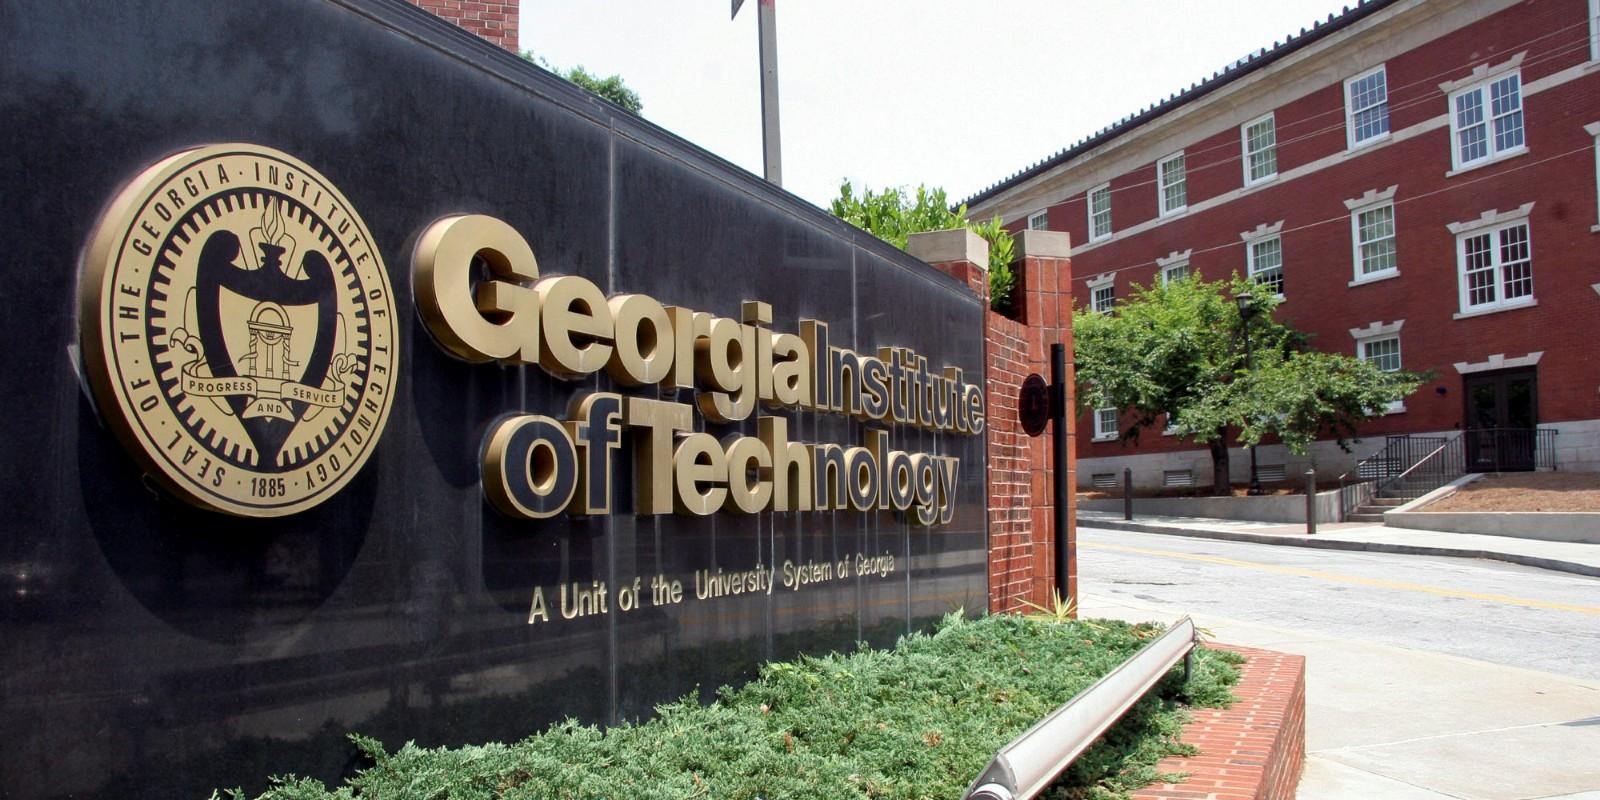 有一美国顶尖院校与中国喜结良缘 乔治亚理工建立中国校区